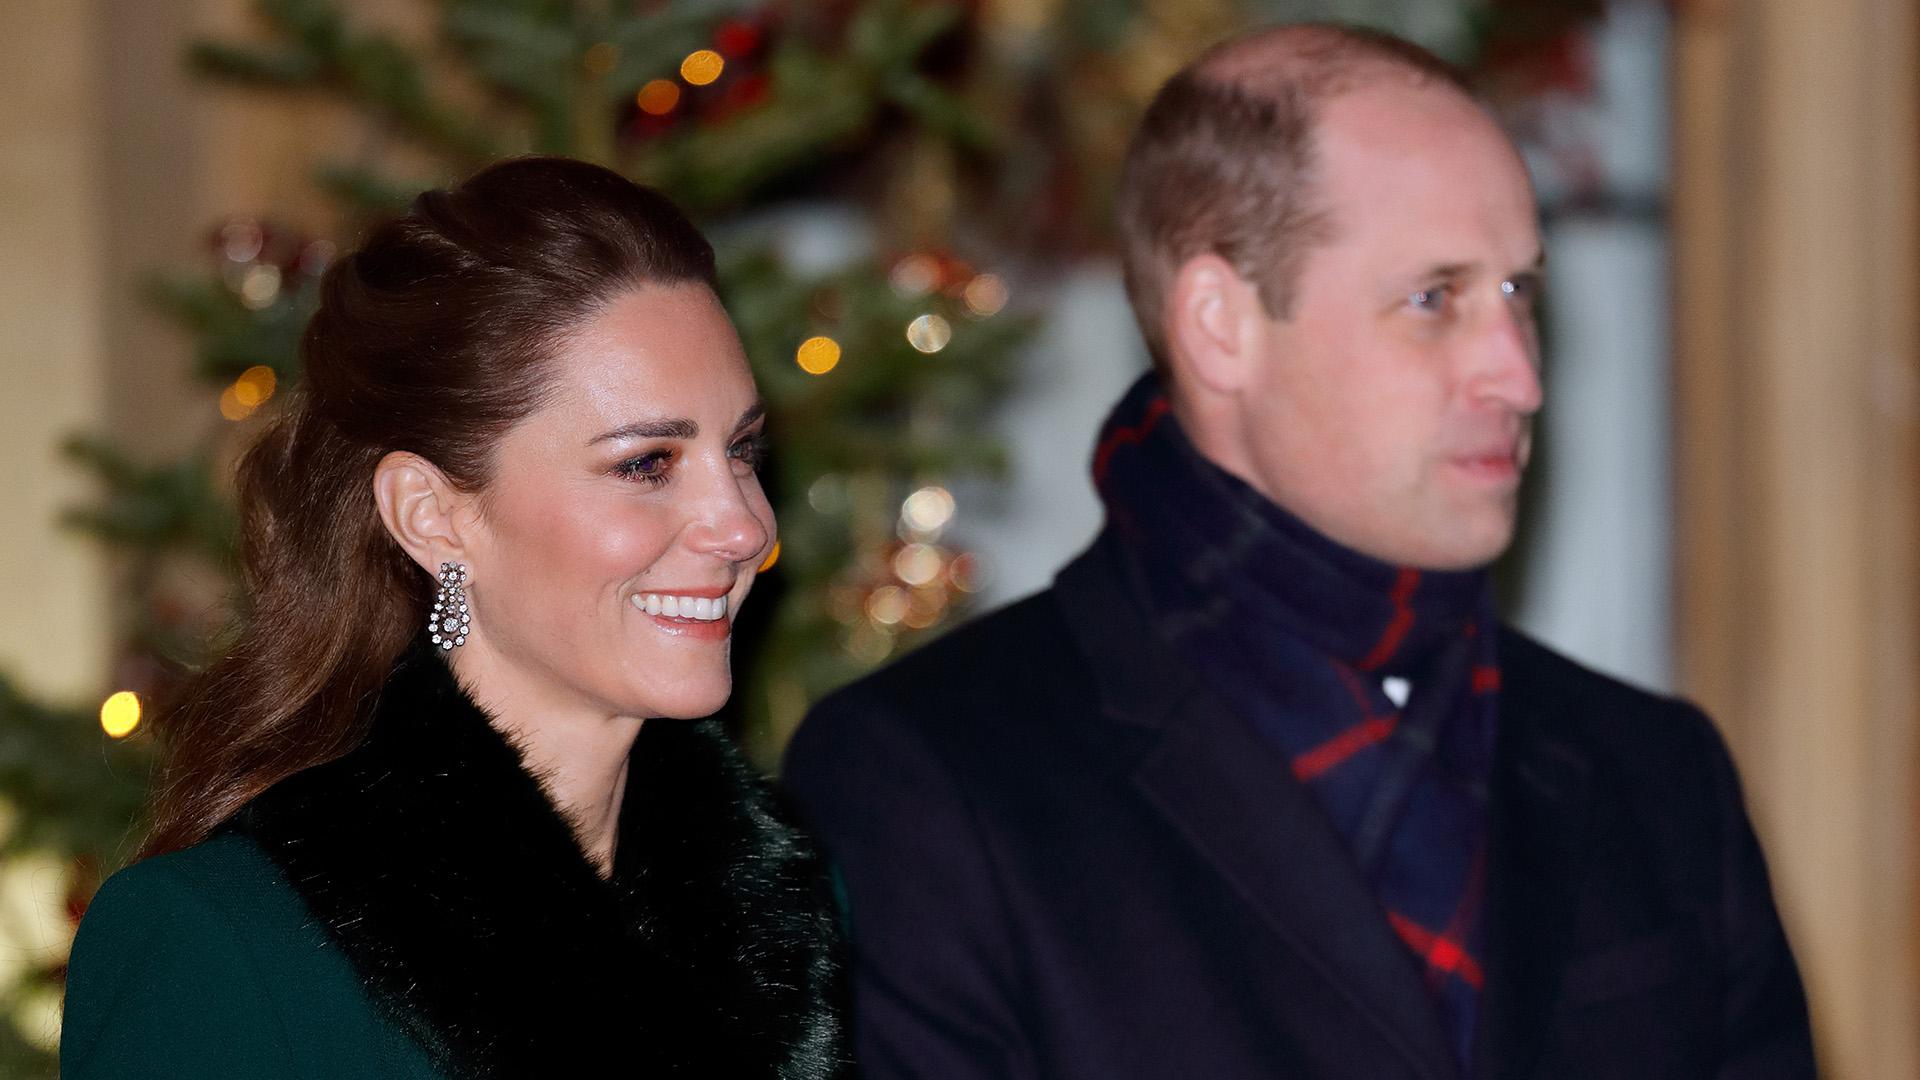 Nyilvánosságra hozták Vilmos hercegék idei karácsonyi családi fotóját